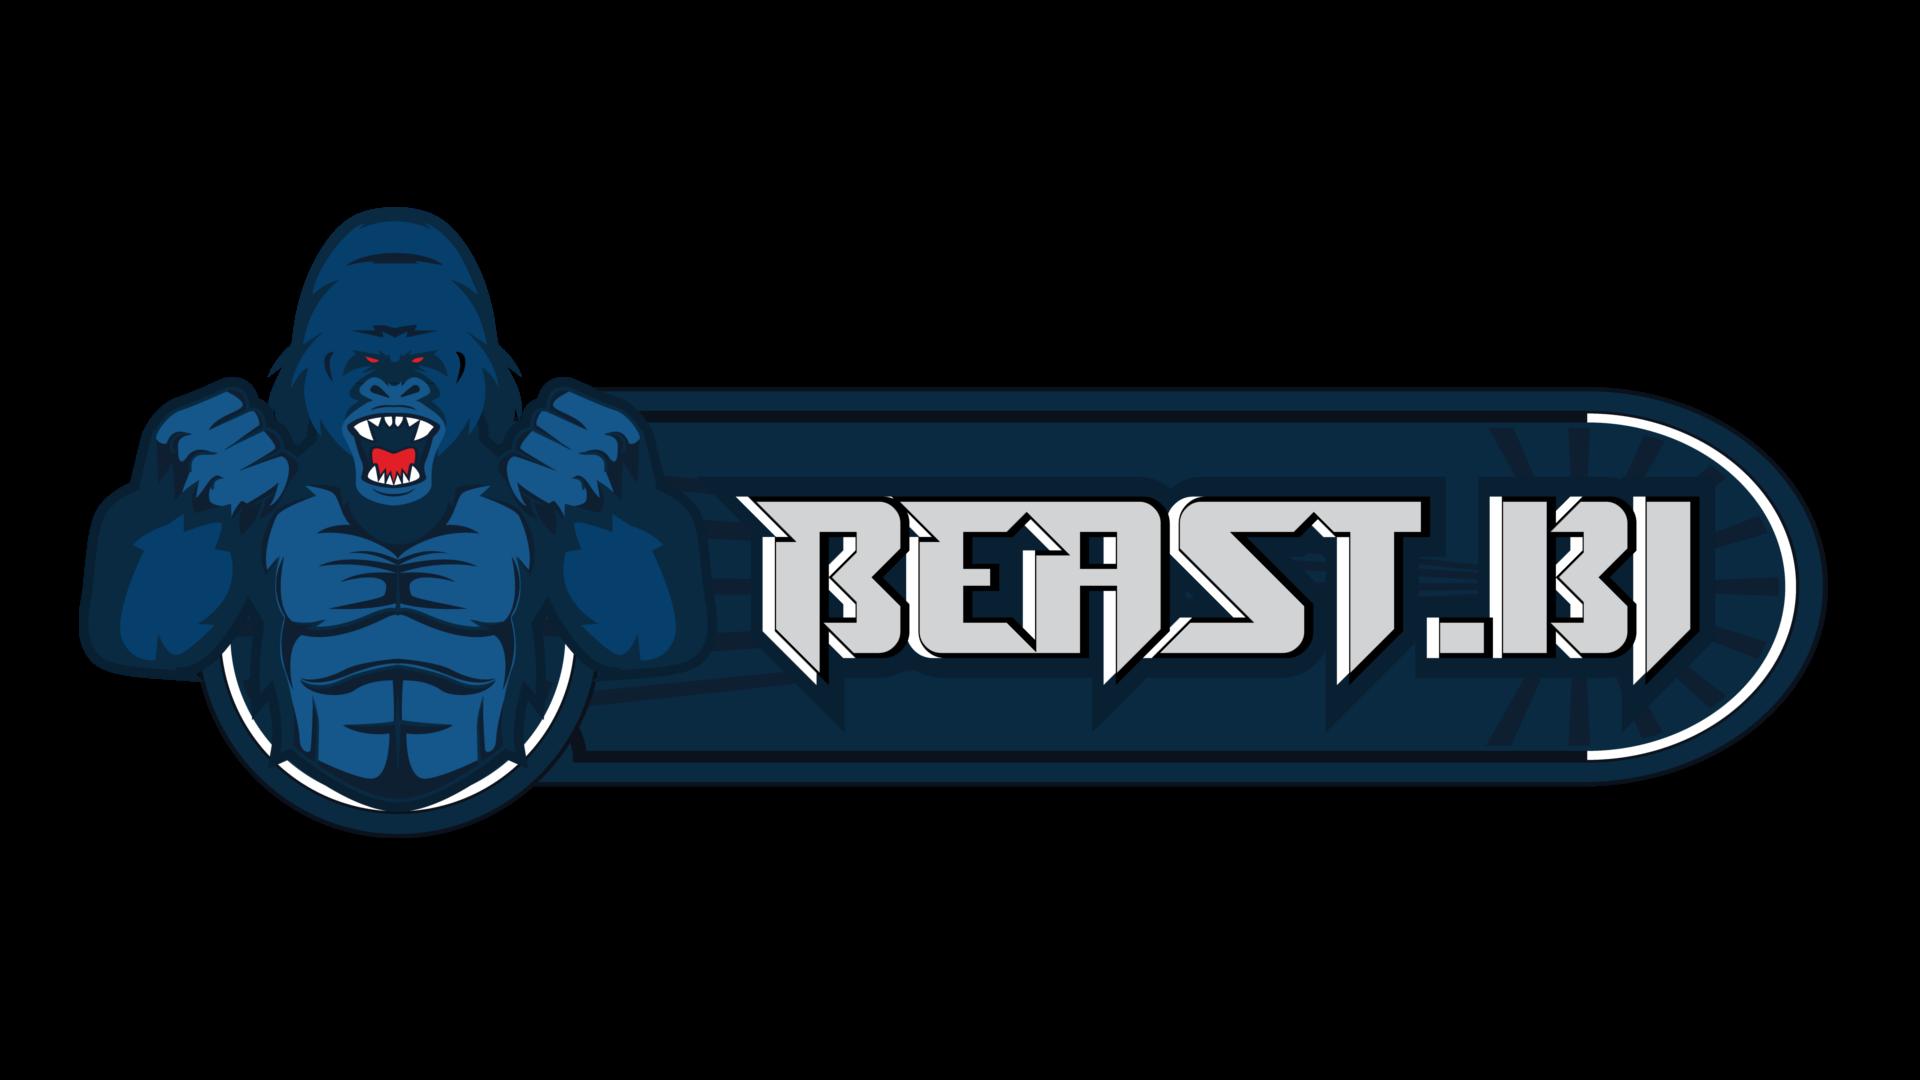 Beast.bi